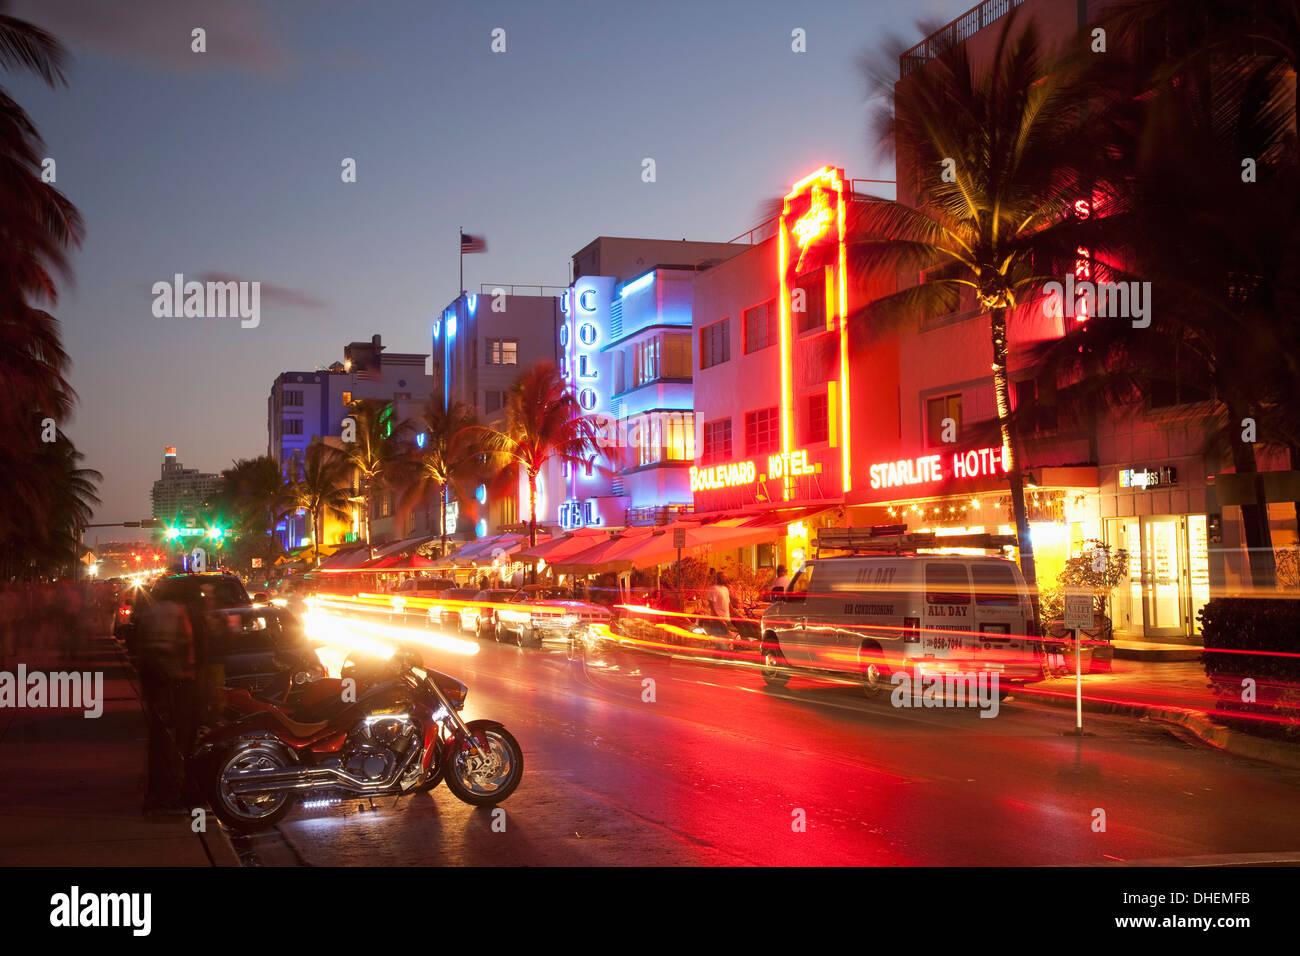 Ocean Drive, South Beach, Art Deco district, Miami Beach, Miami, Florida, United States of America, North America - Stock Image